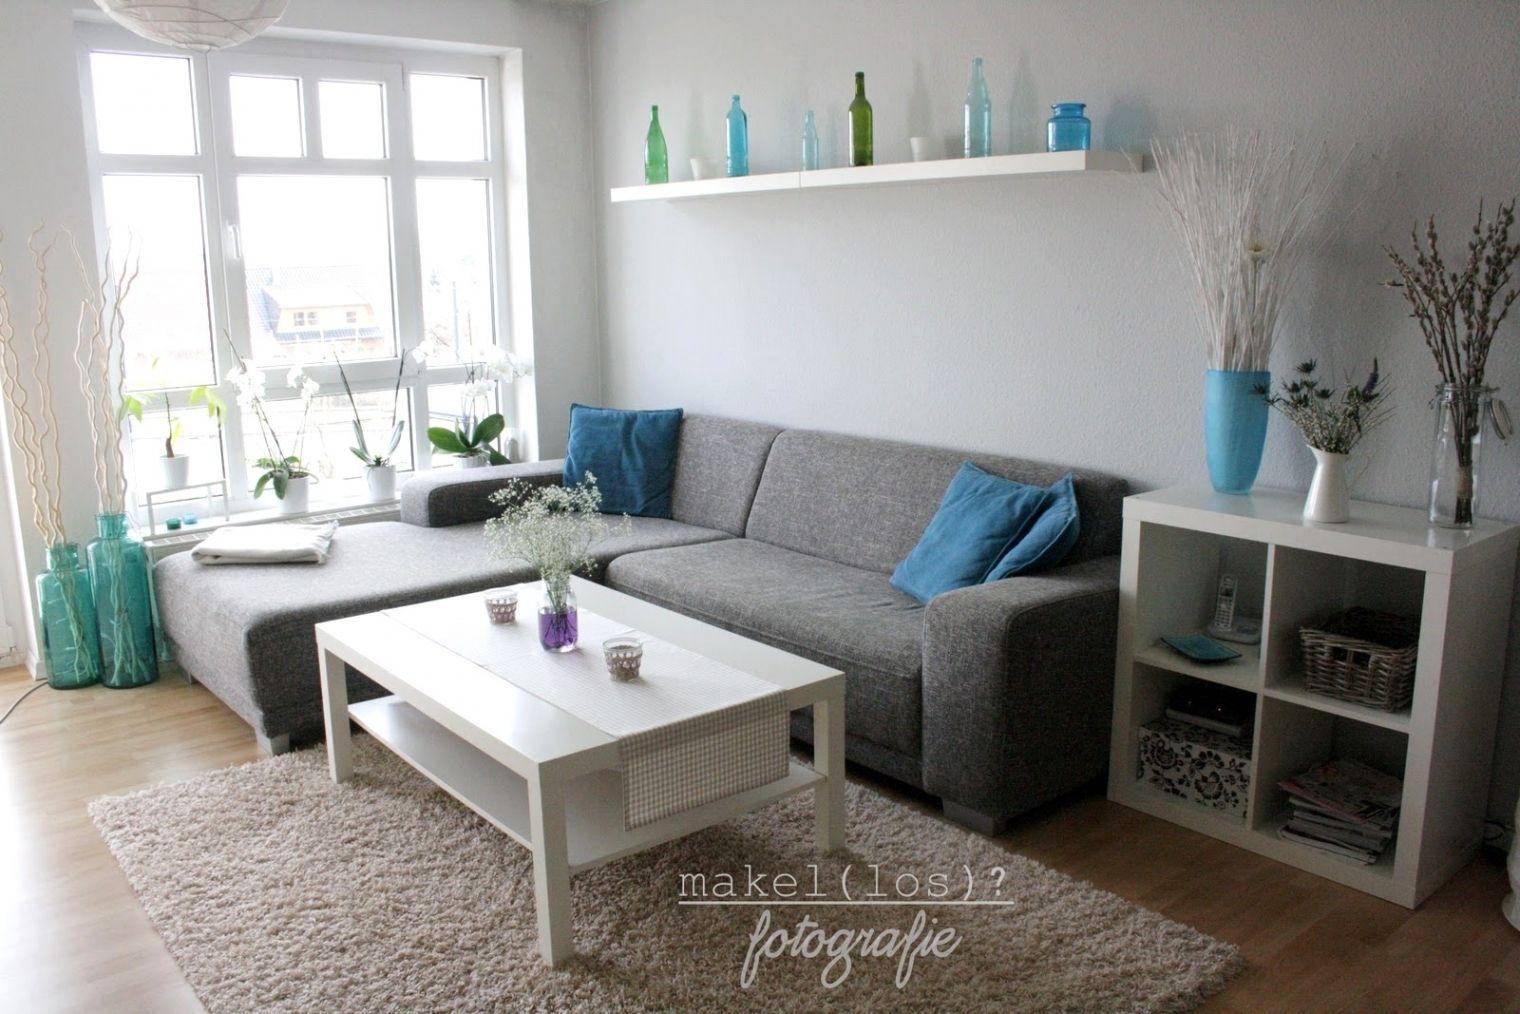 Erstaunlich Wohnzimmer Ideen Türkis  Wohnzimmer grau, Dekoration